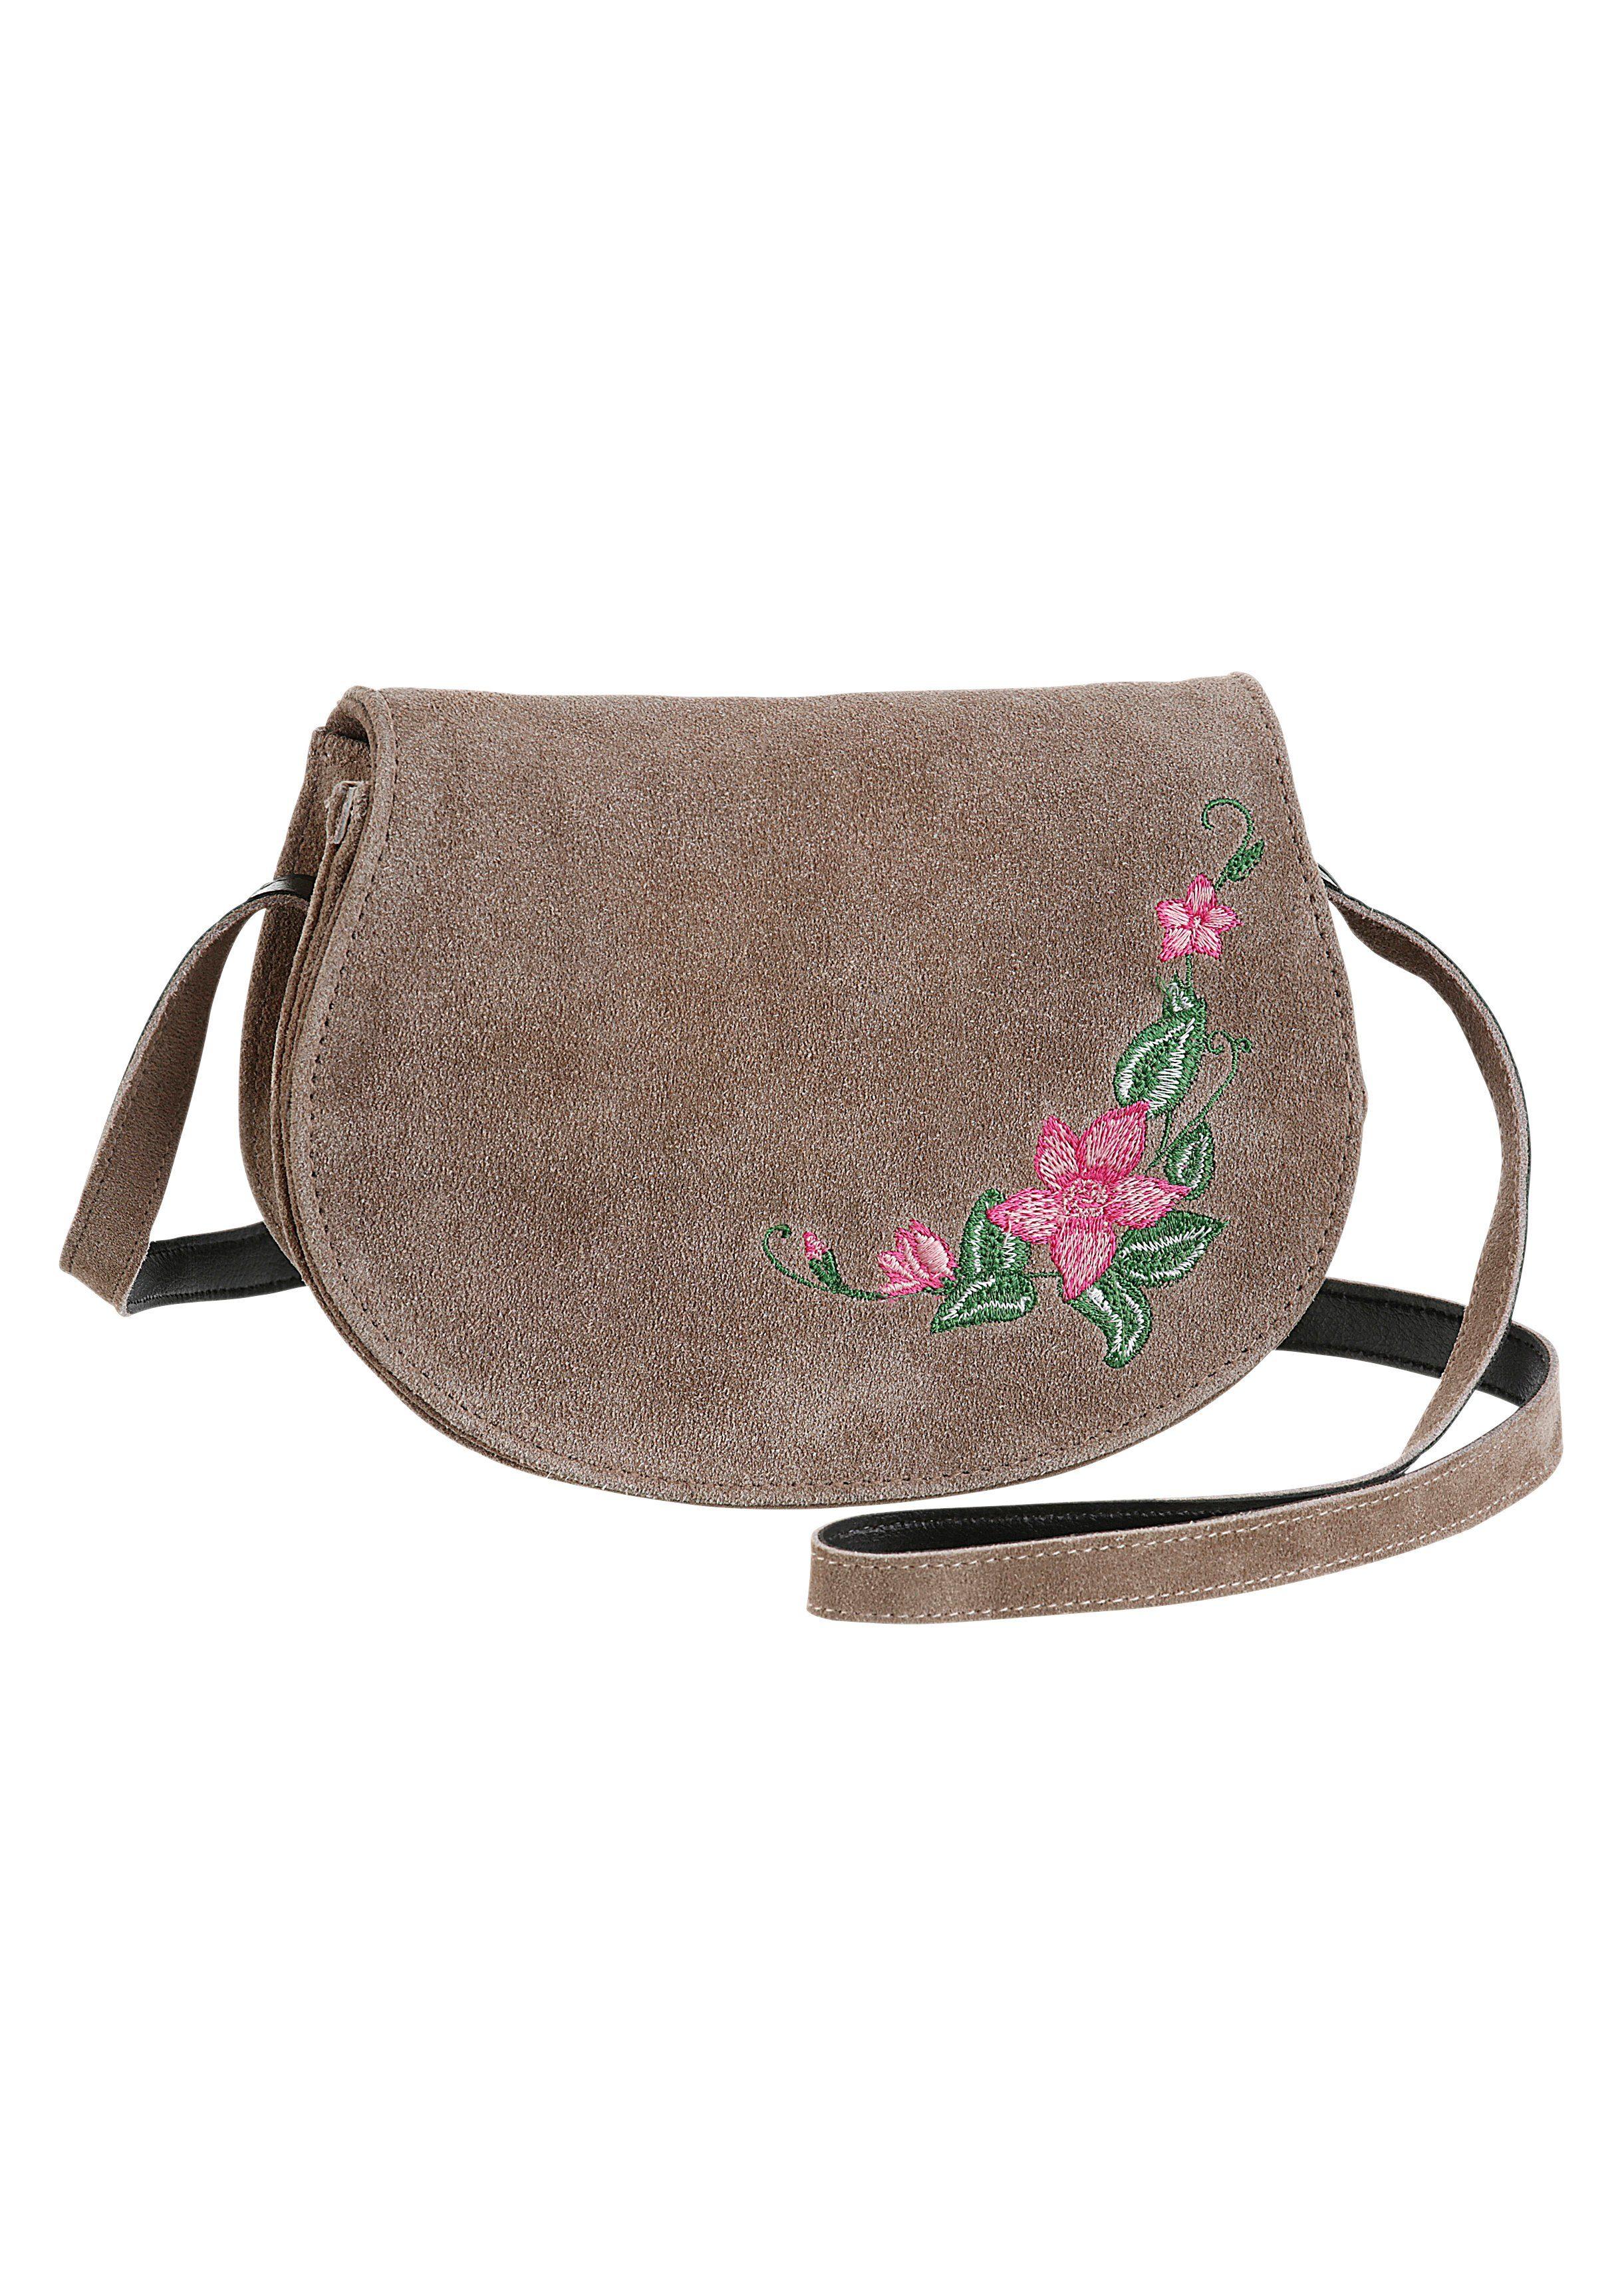 KABE Leder-Accessoires Trachtentasche mit Stickerei